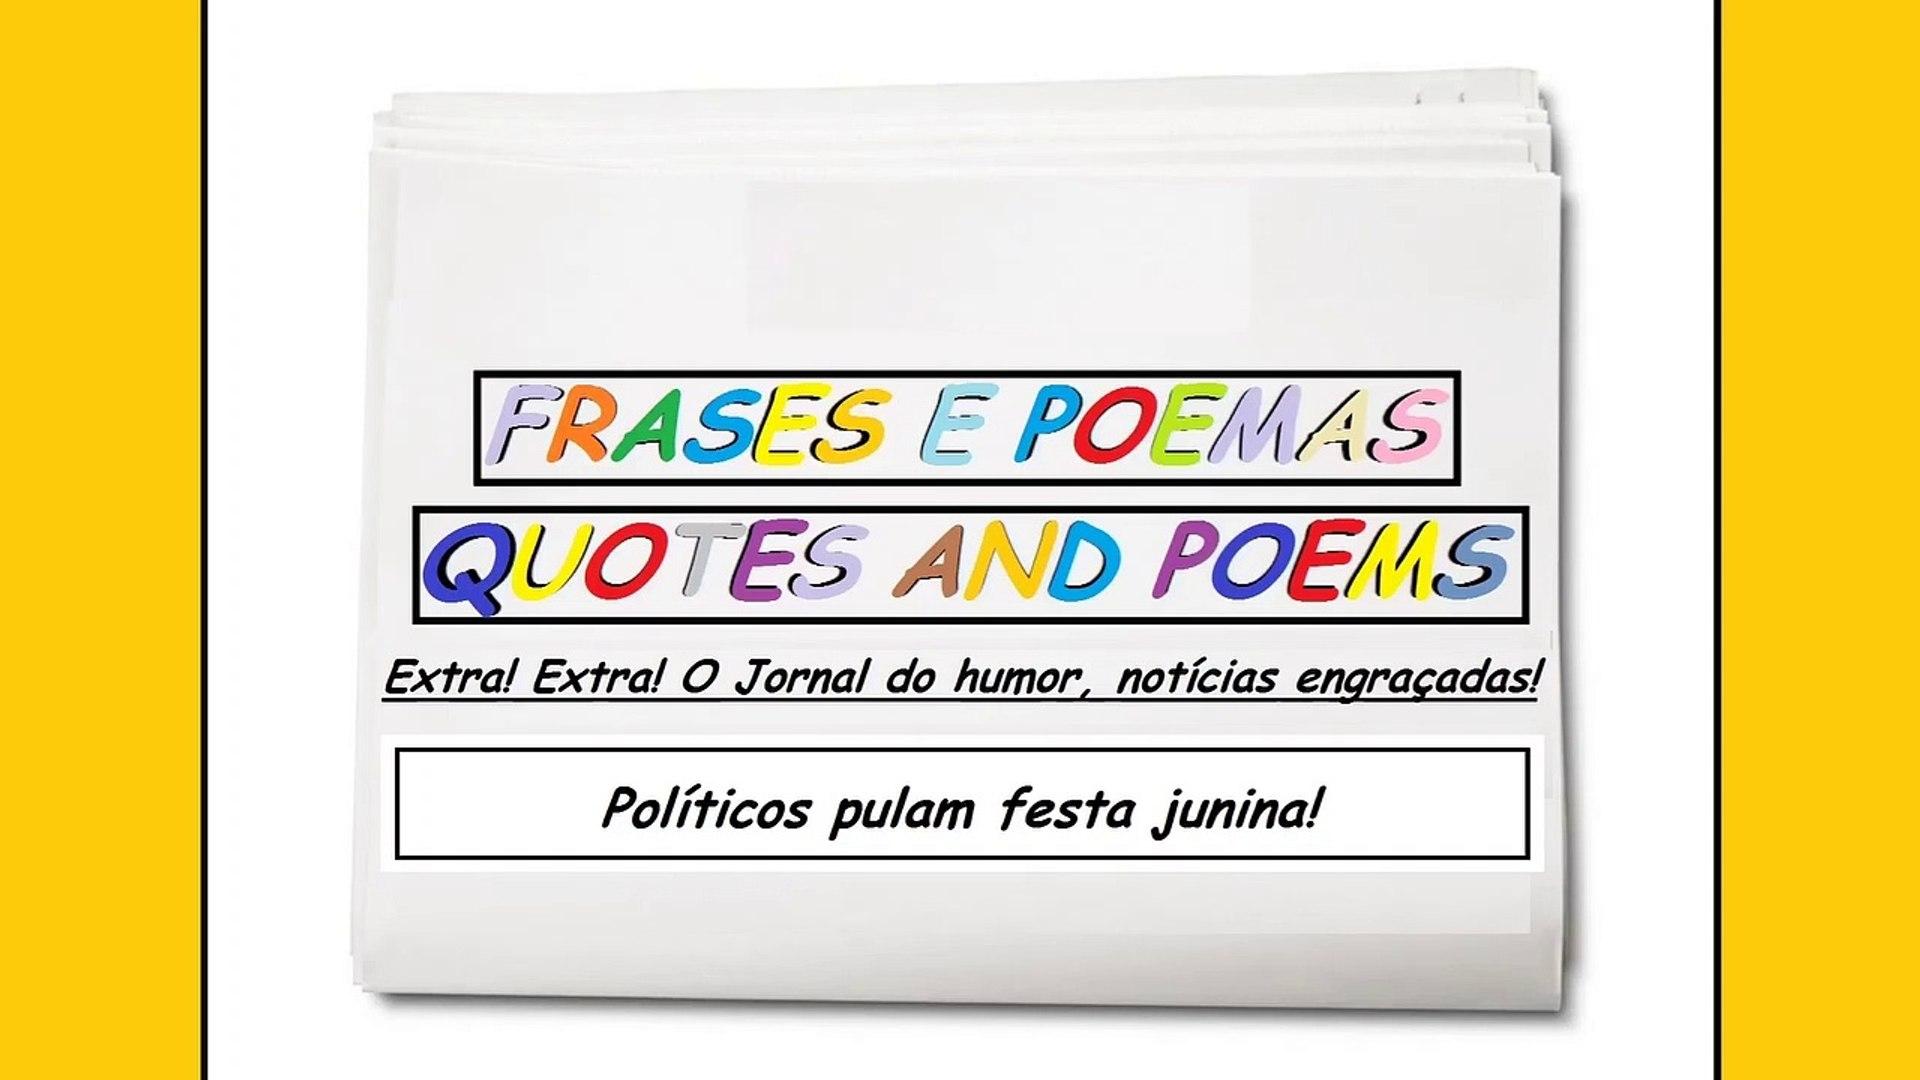 Notícias Engraçadas Políticos Pulam Festa Junina Frases E Poemas